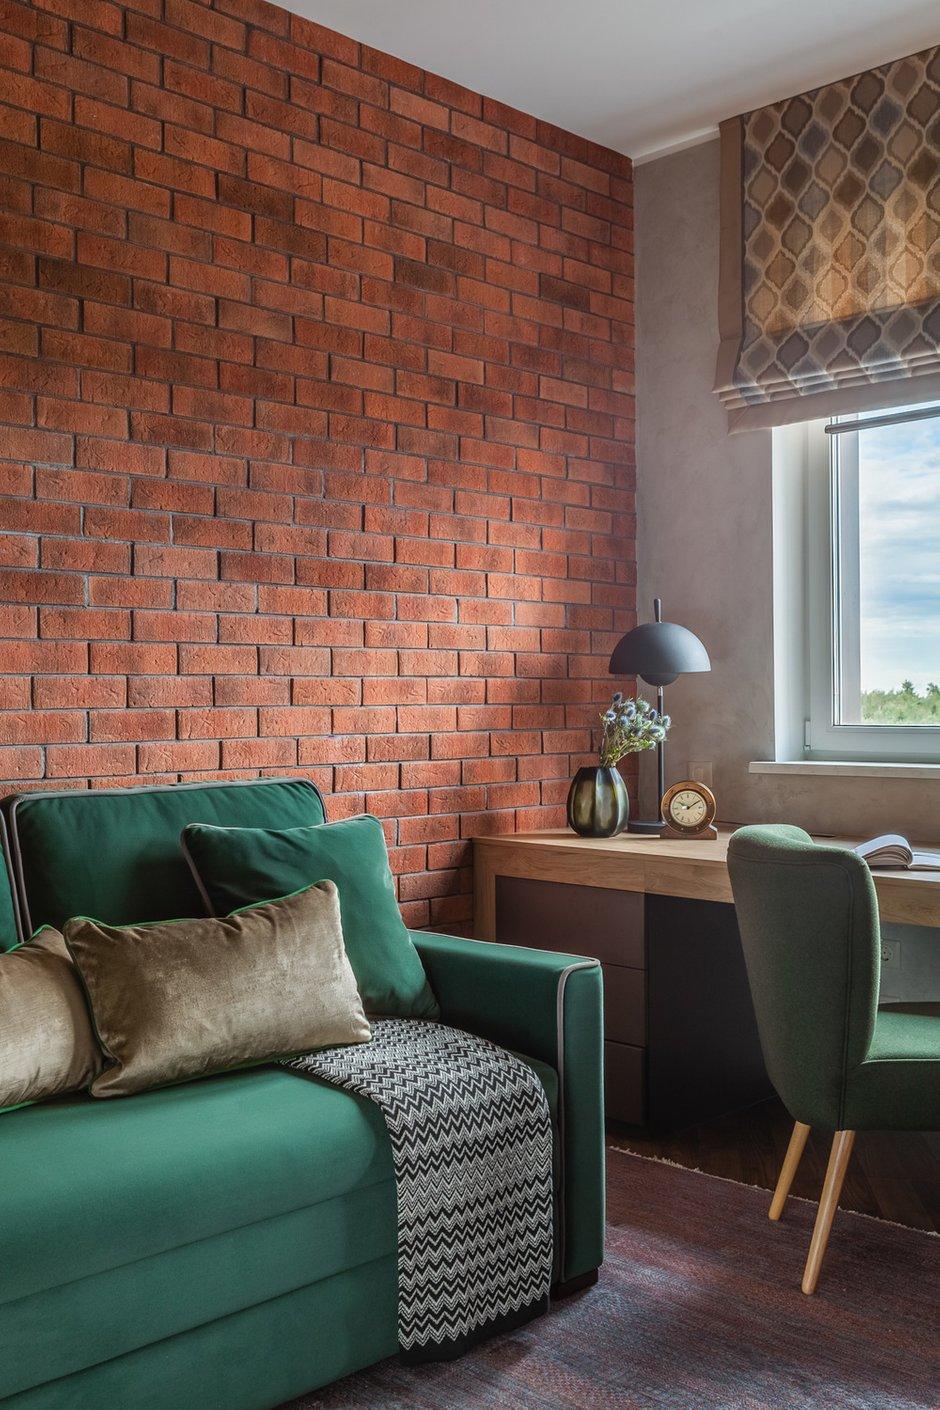 Одну из стен в кабинете оформили красным кирпичом. На его фоне особенно эффектно смотрится зеленый диван.